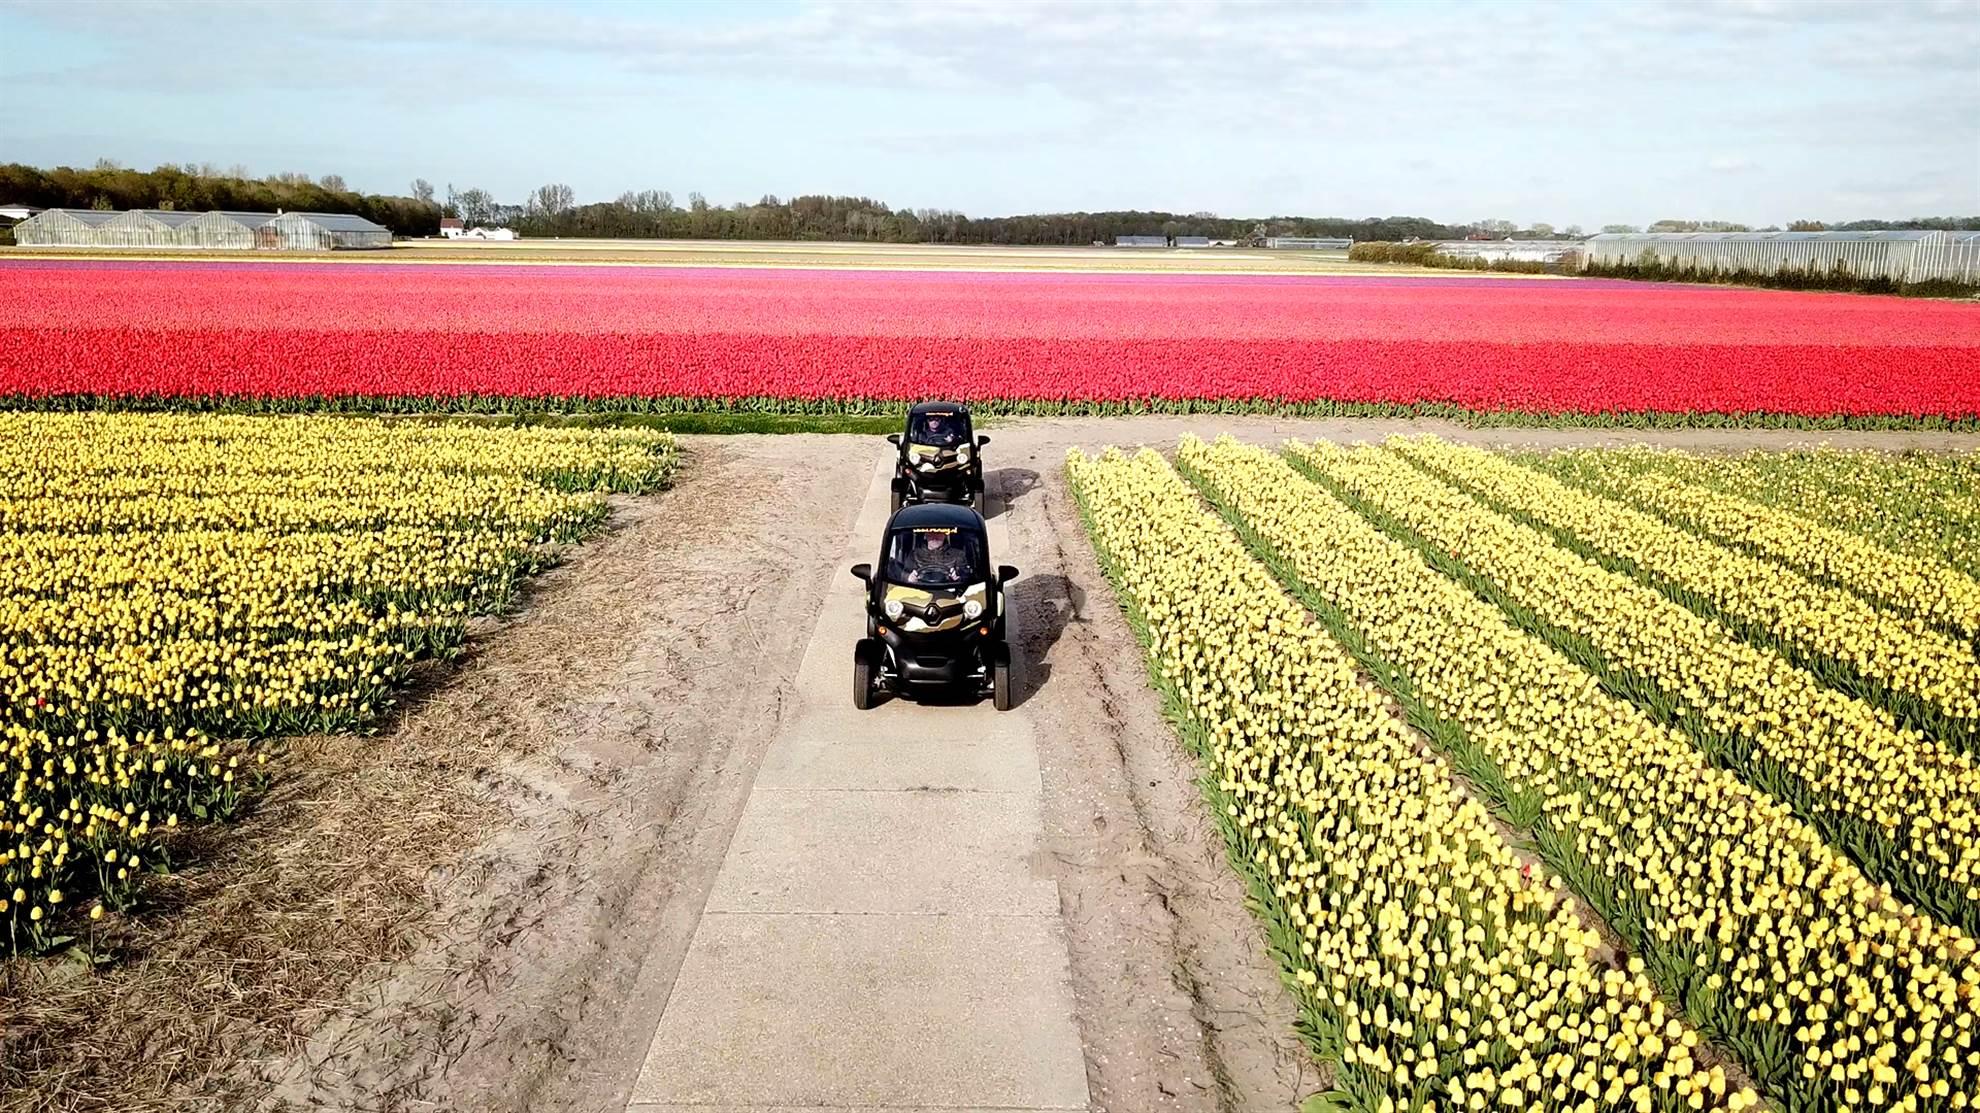 Esperienza Flowerfield con veicoli elettrici (Attivo e Prenotabile)